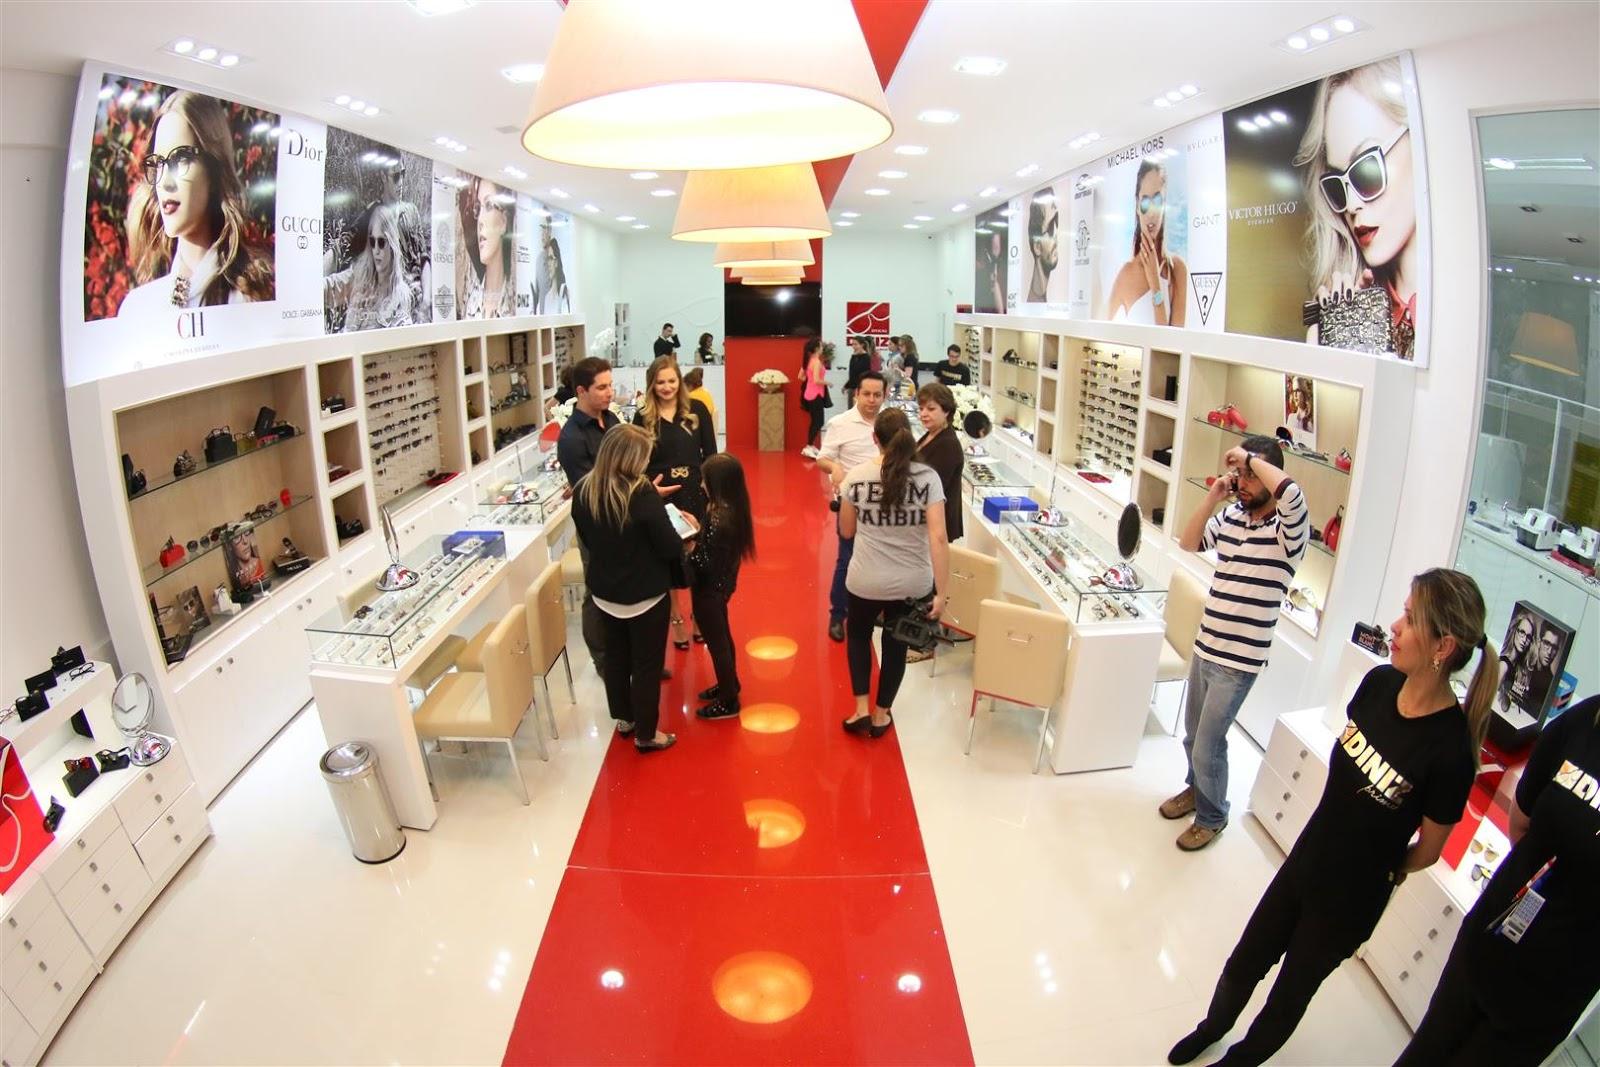 ec777c626c287 Óticas Diniz investe no conceito prime para atrair público exigente para o  interior de sua lojas em shopping center